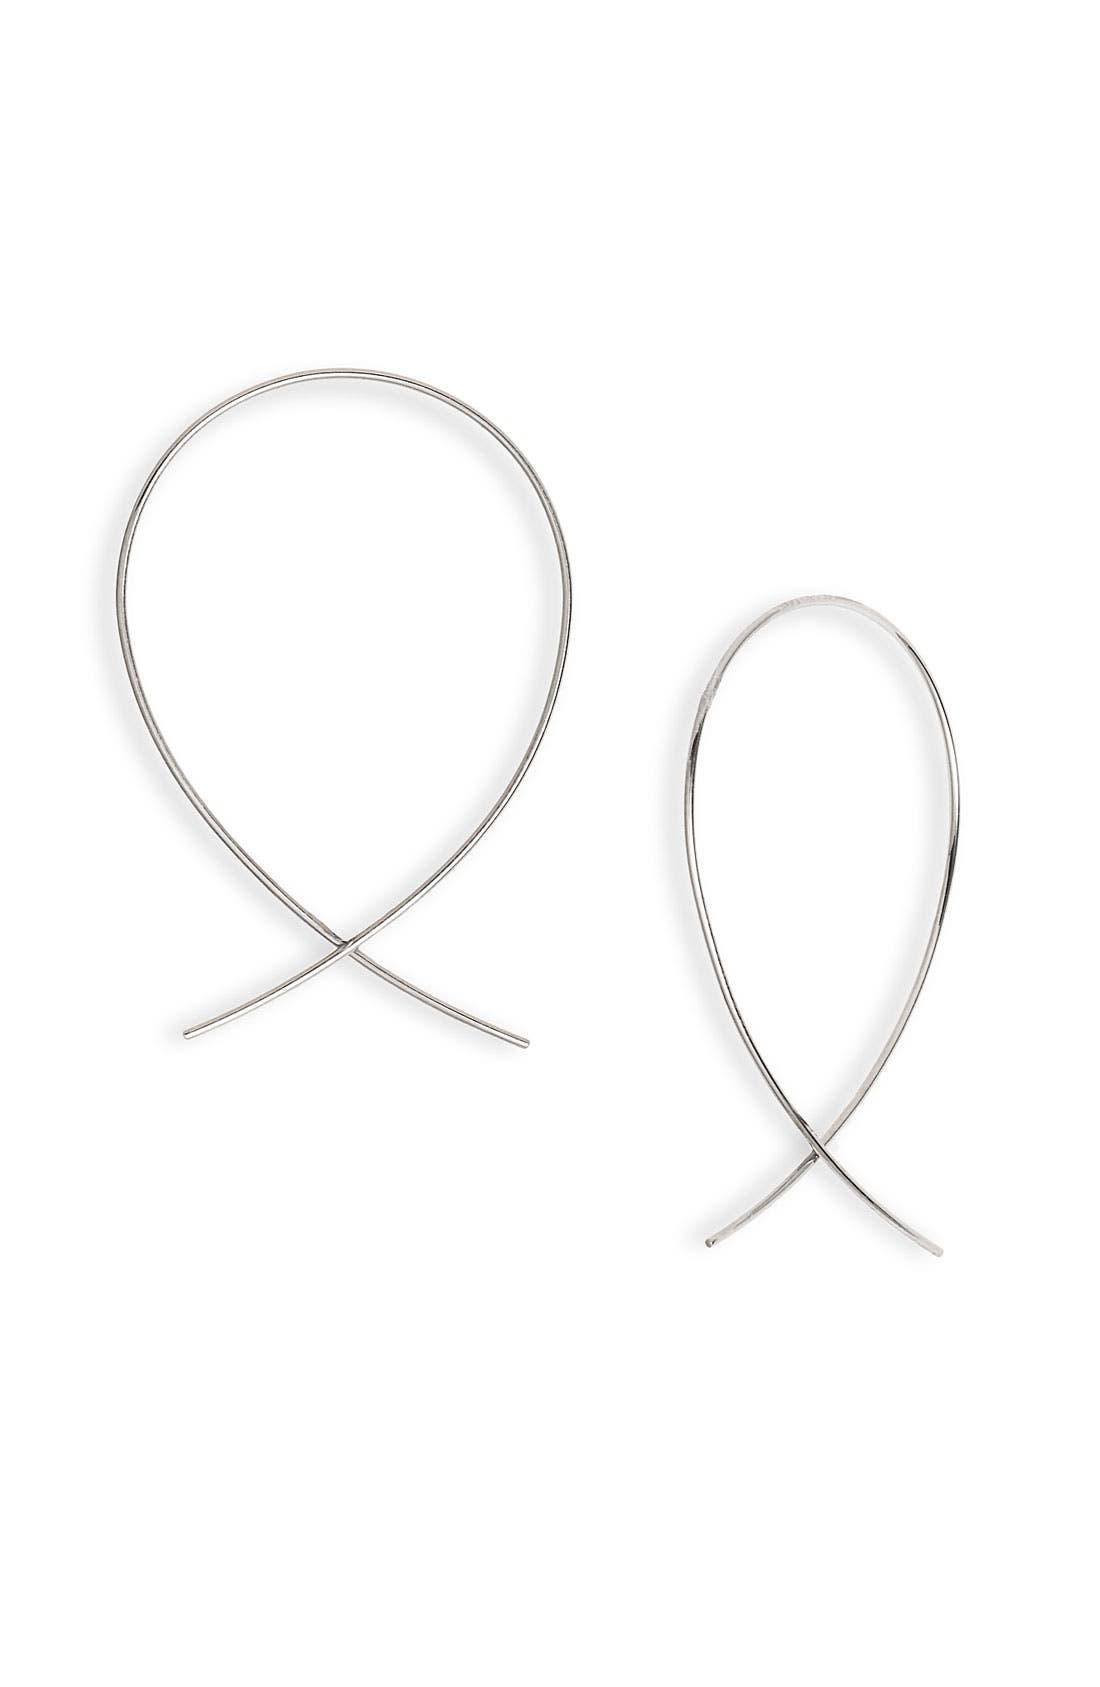 Lana Jewelry 'Upside Down' Small Hoop Earrings